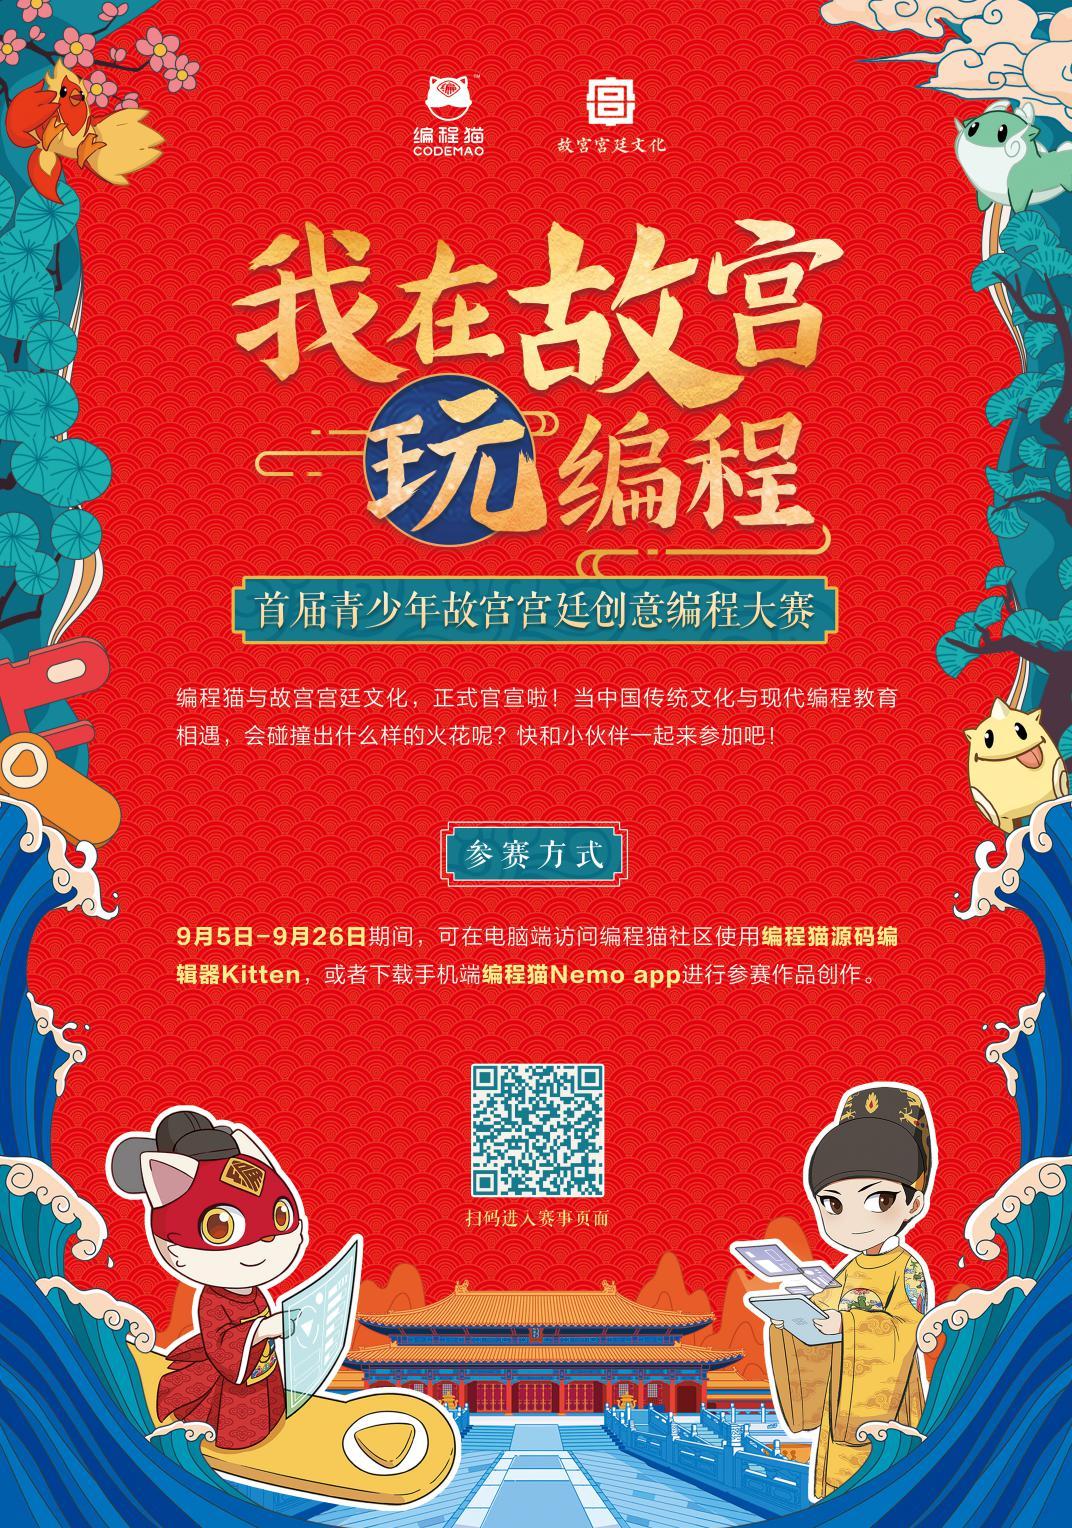 编程猫与故宫宫廷文化携手镌刻中国文化传承的yabo体育电子竞技烙印